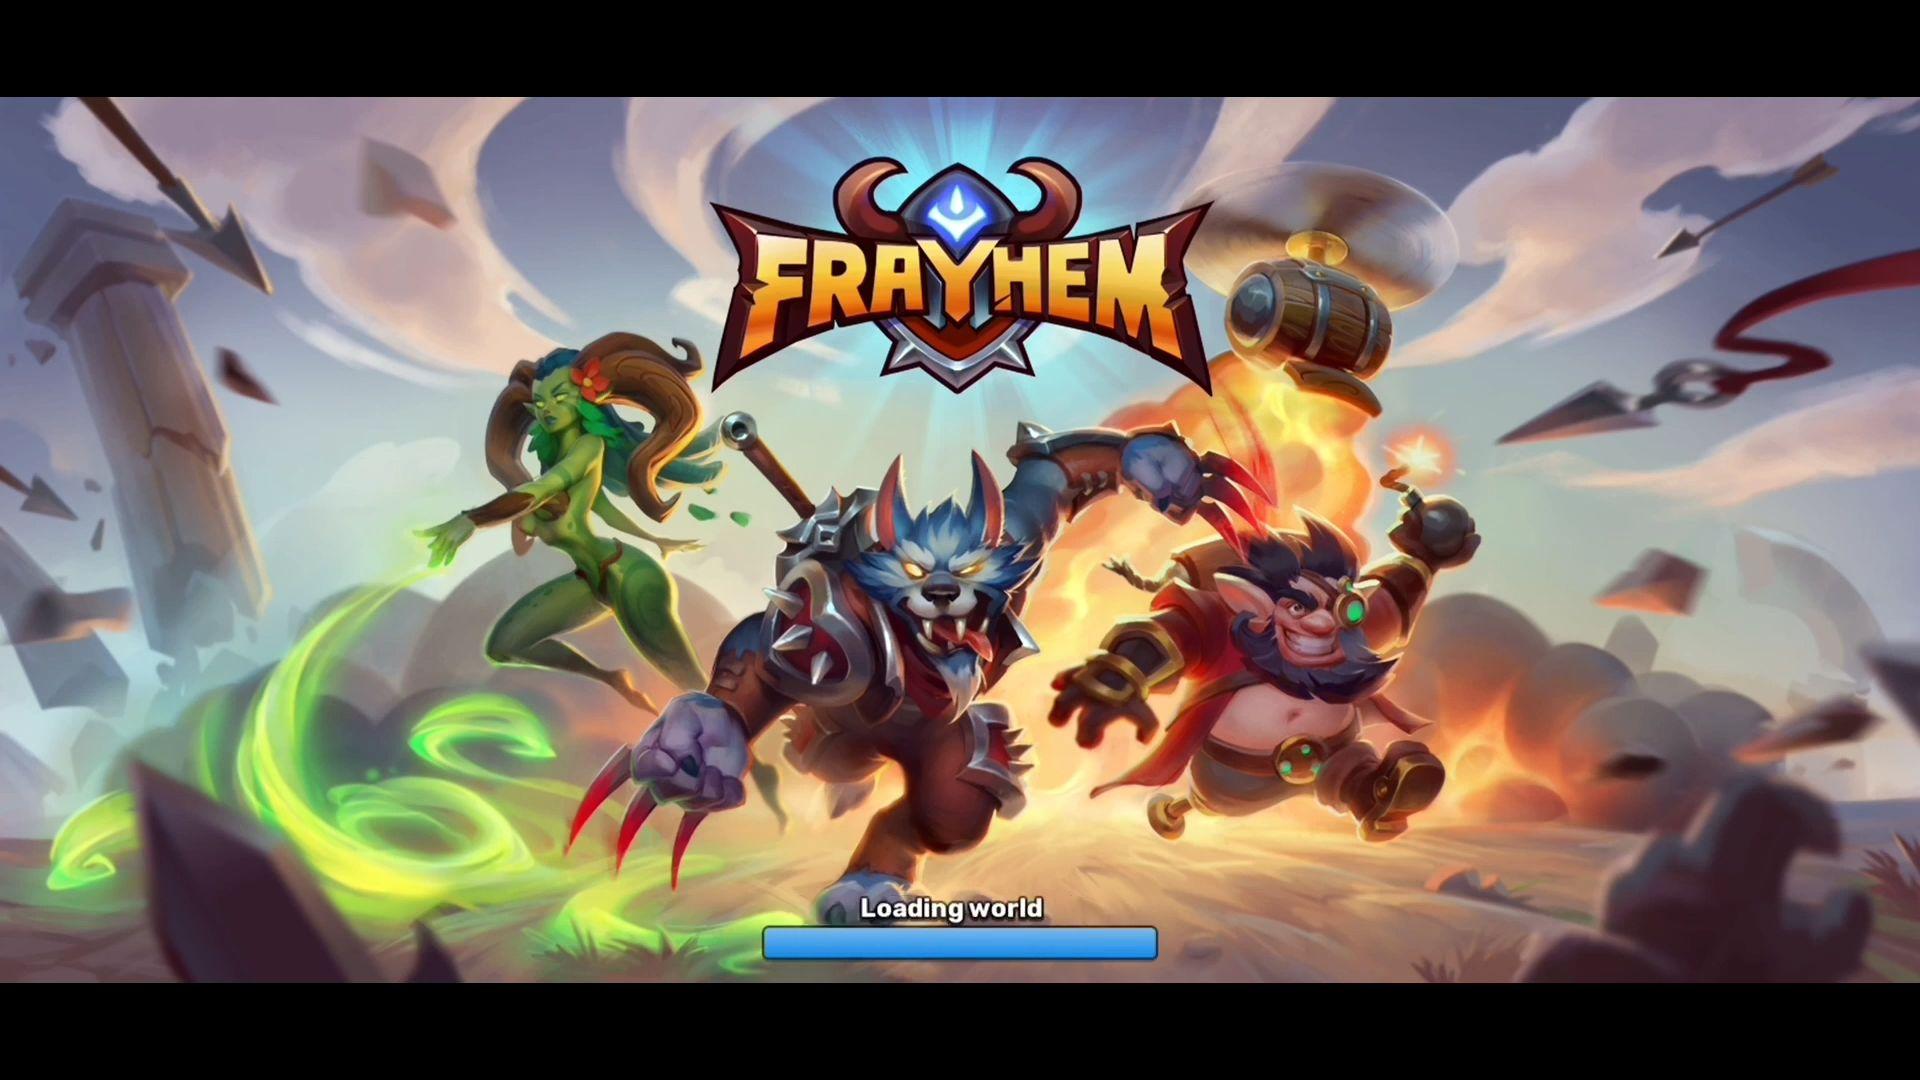 Frayhem - 3v3 Brawl, Battle Royale, MOBA Arena скріншот 1